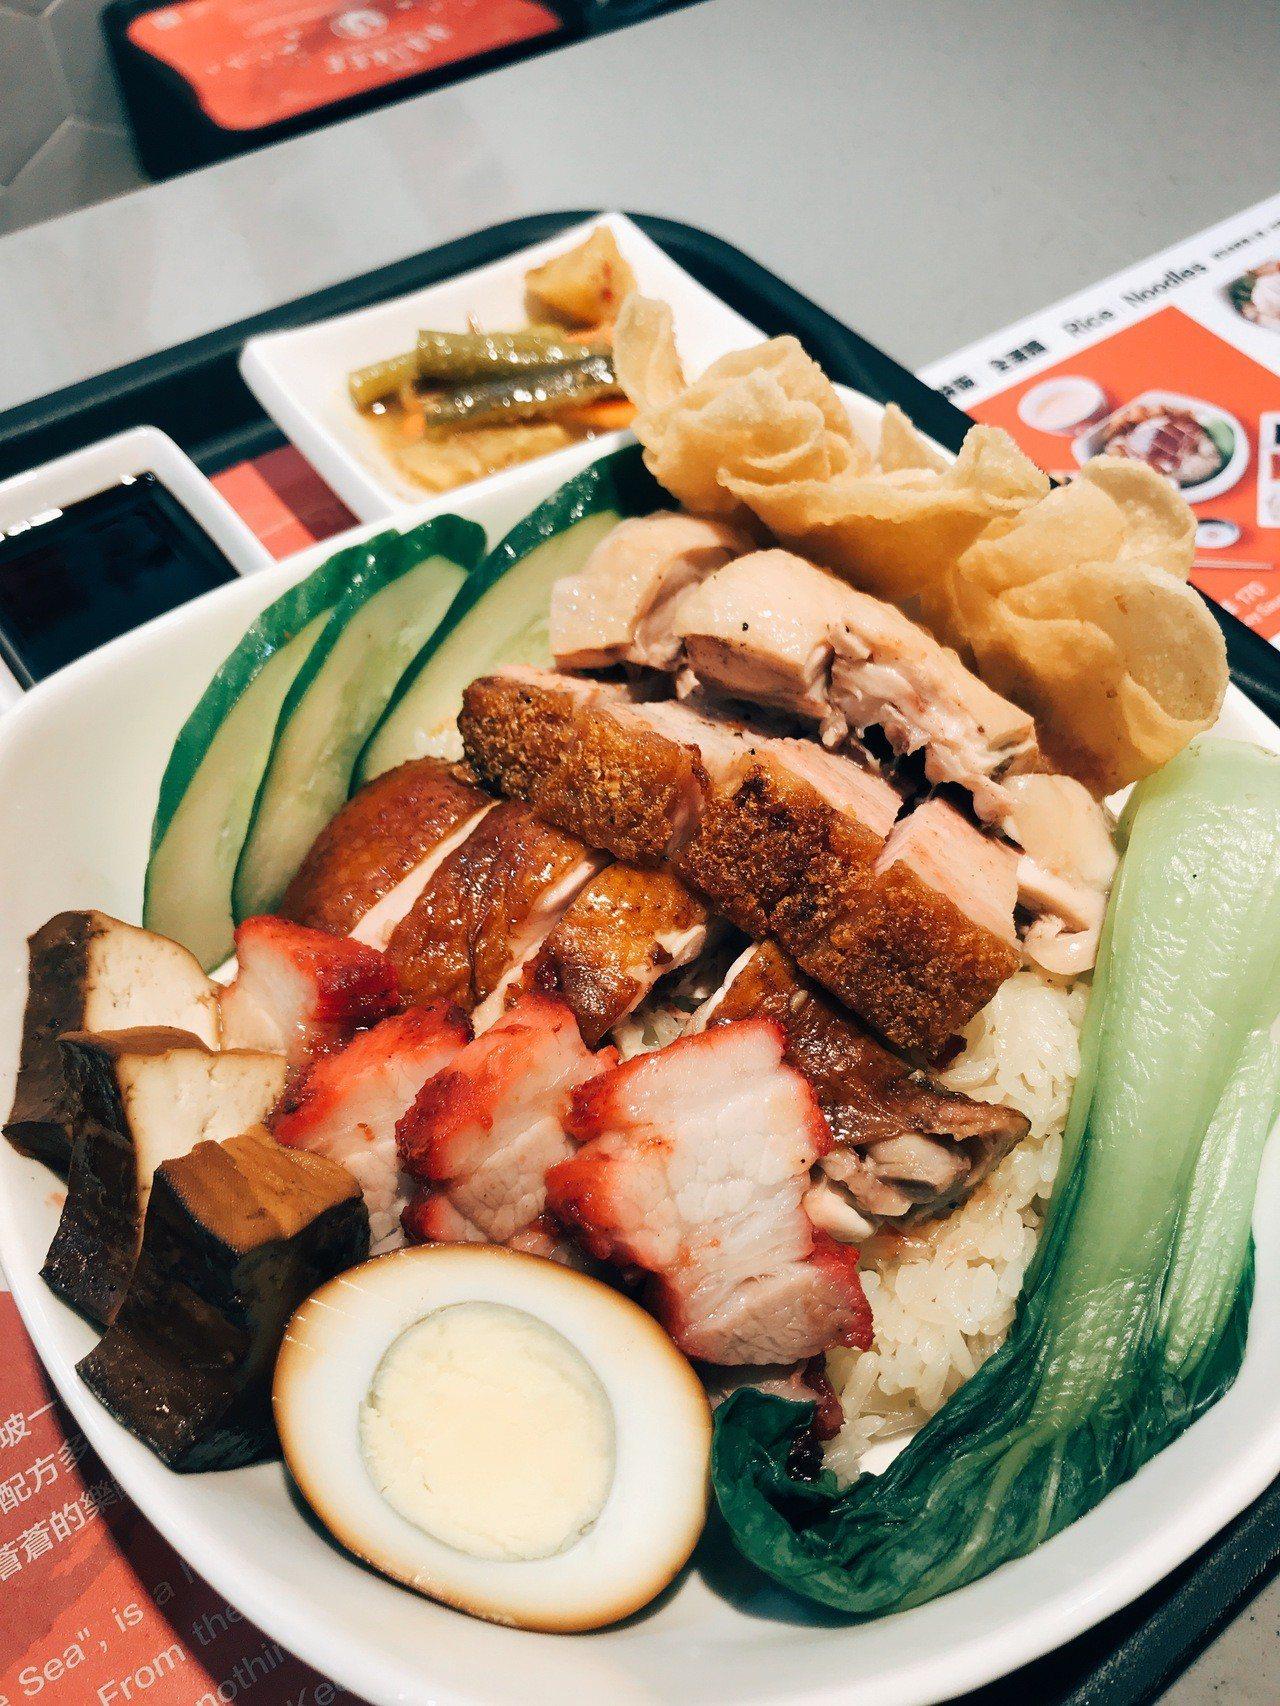 海記在台灣推出的配菜相當豐富。記者江佩君/攝影